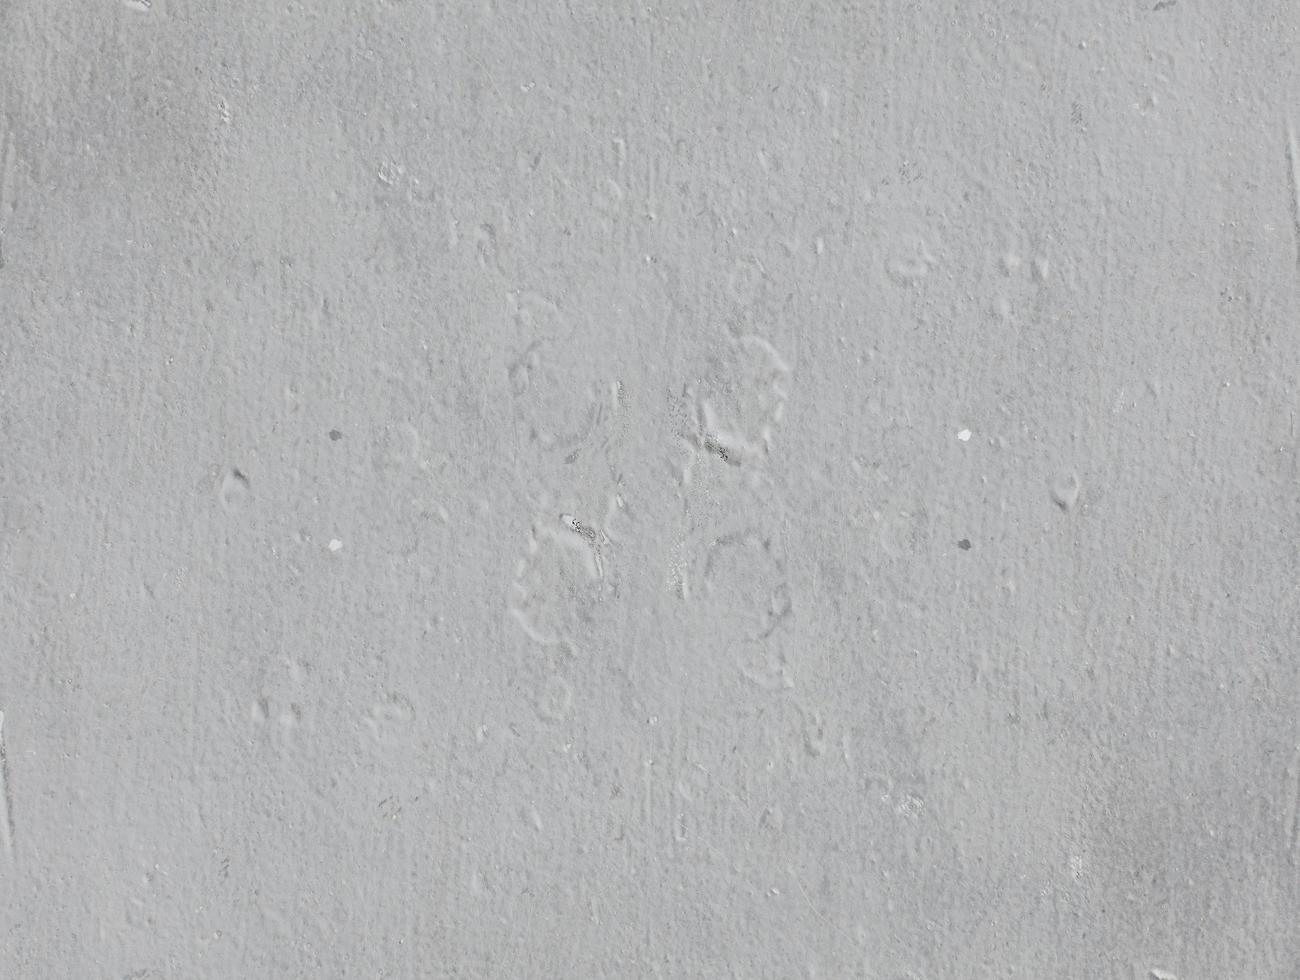 grijze betonnen muur textuur foto